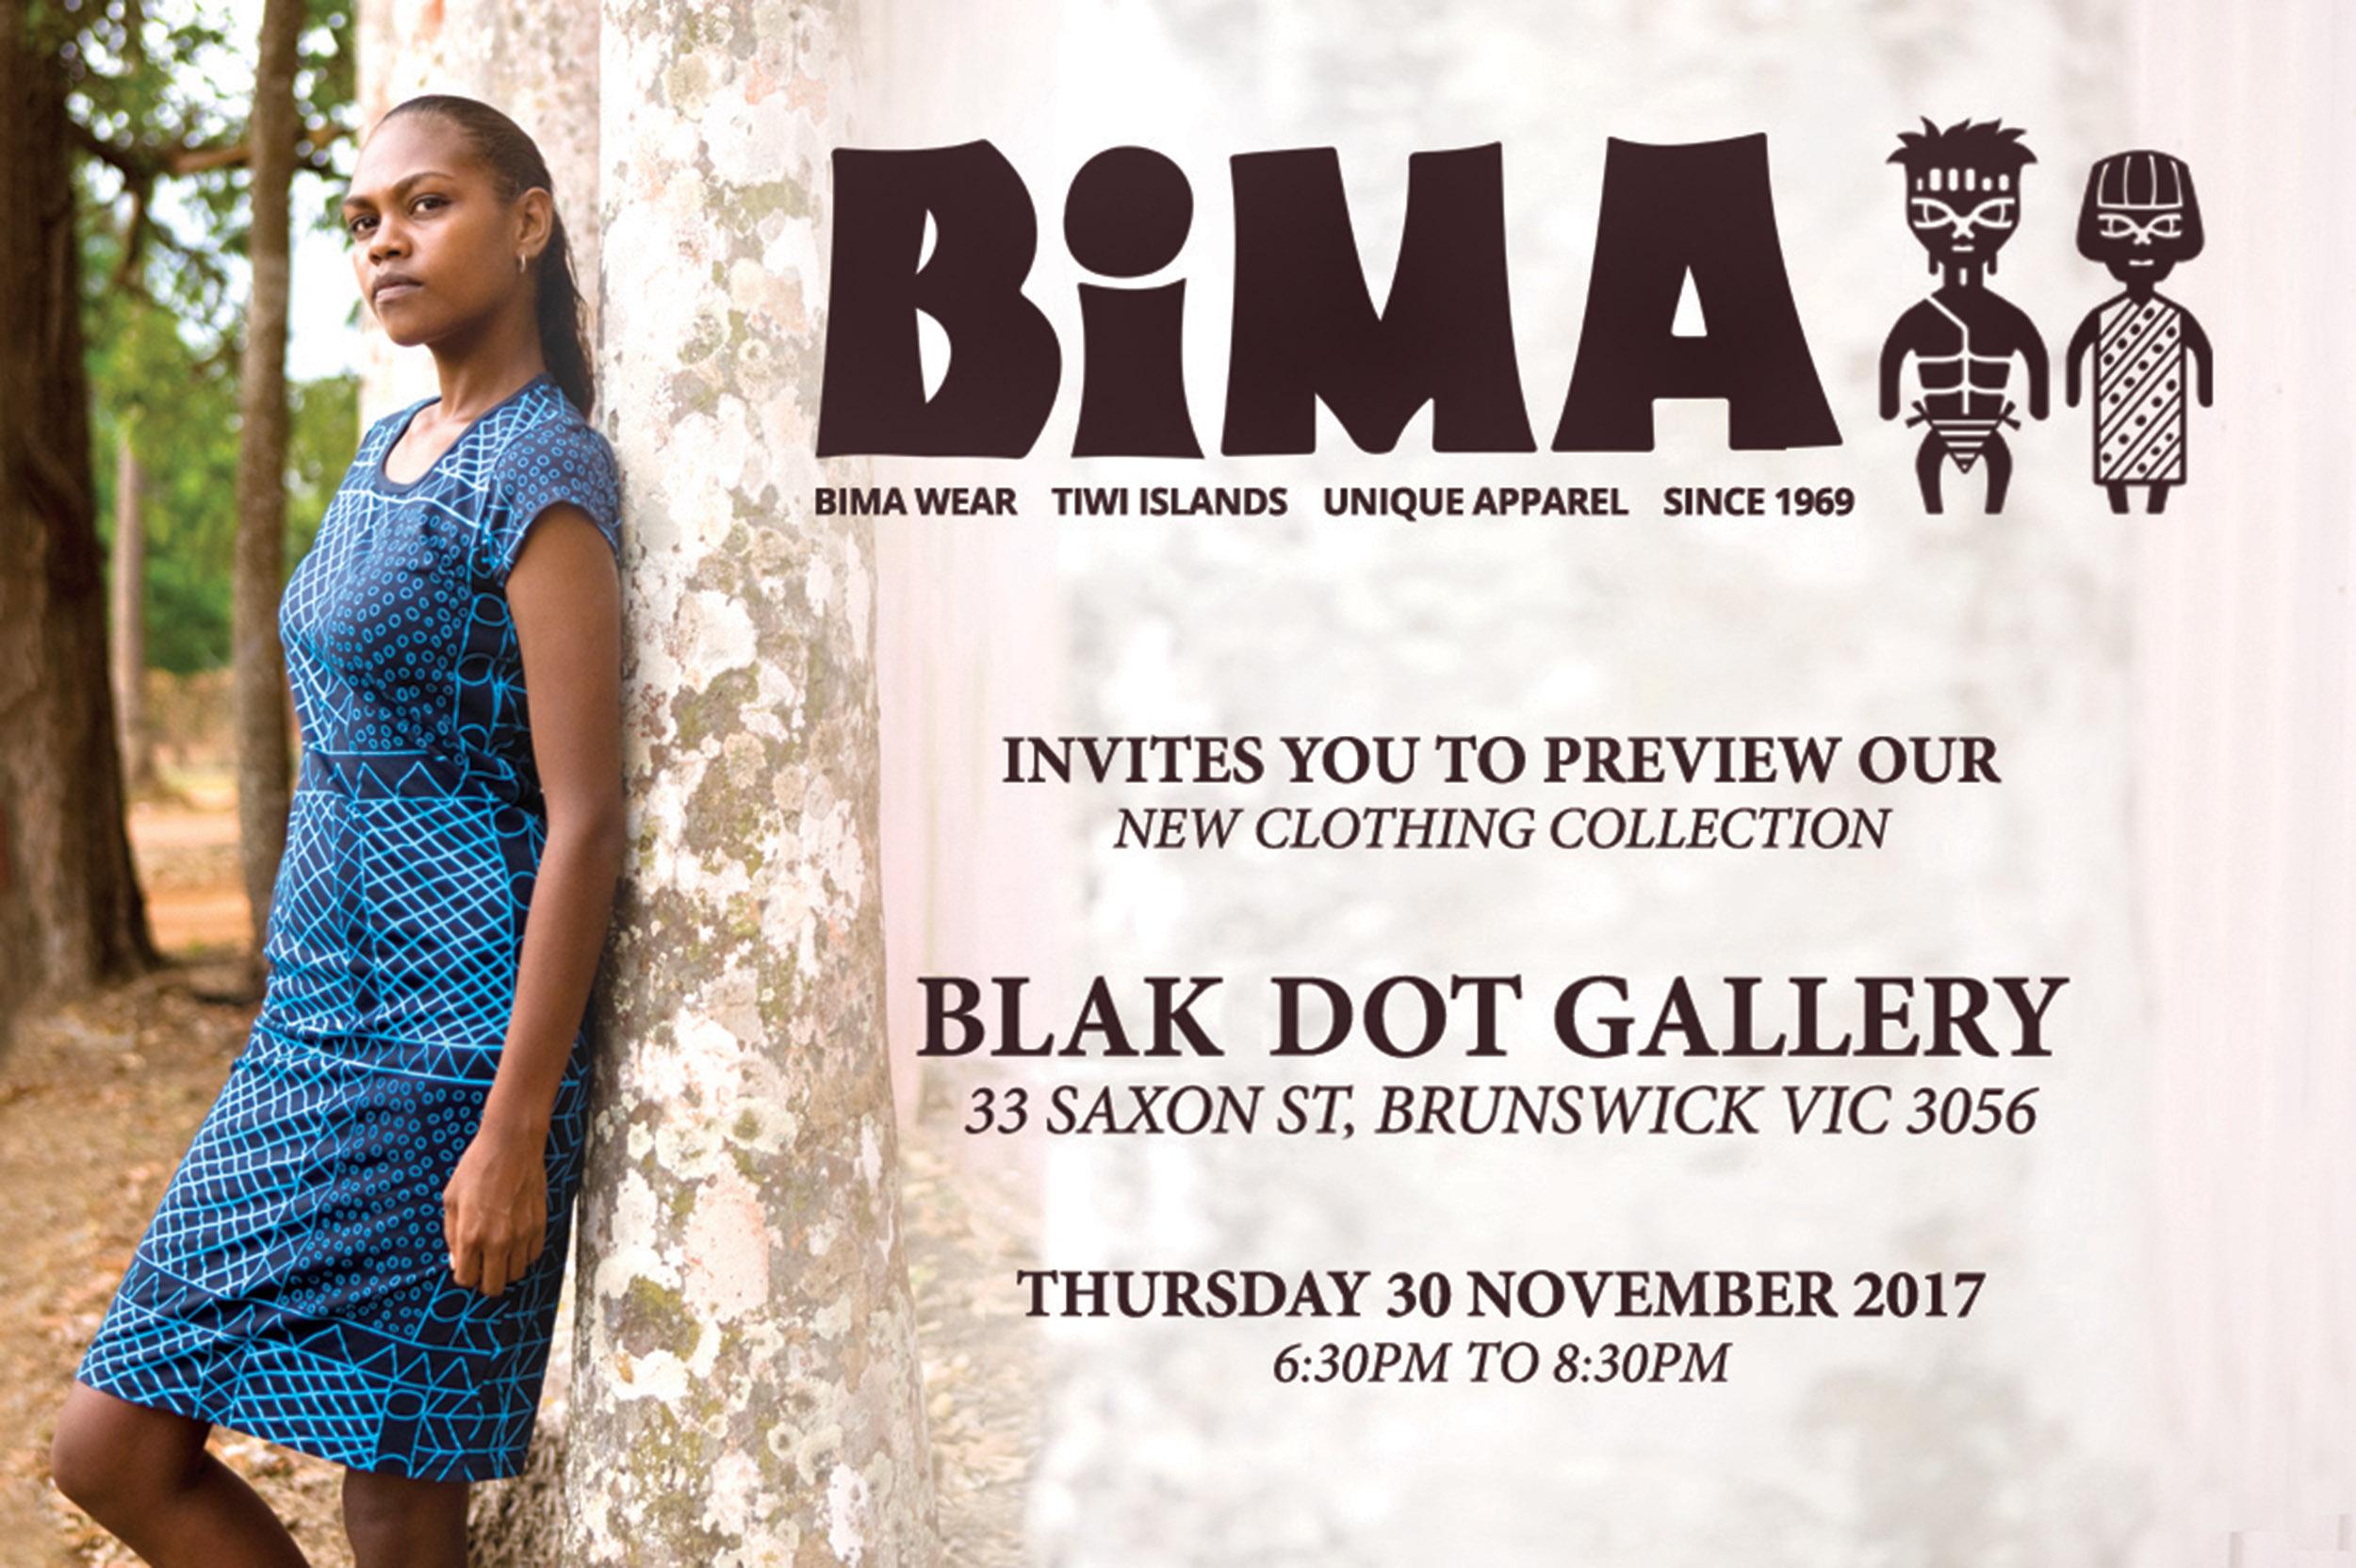 Bima-Wear-Invitation.jpg